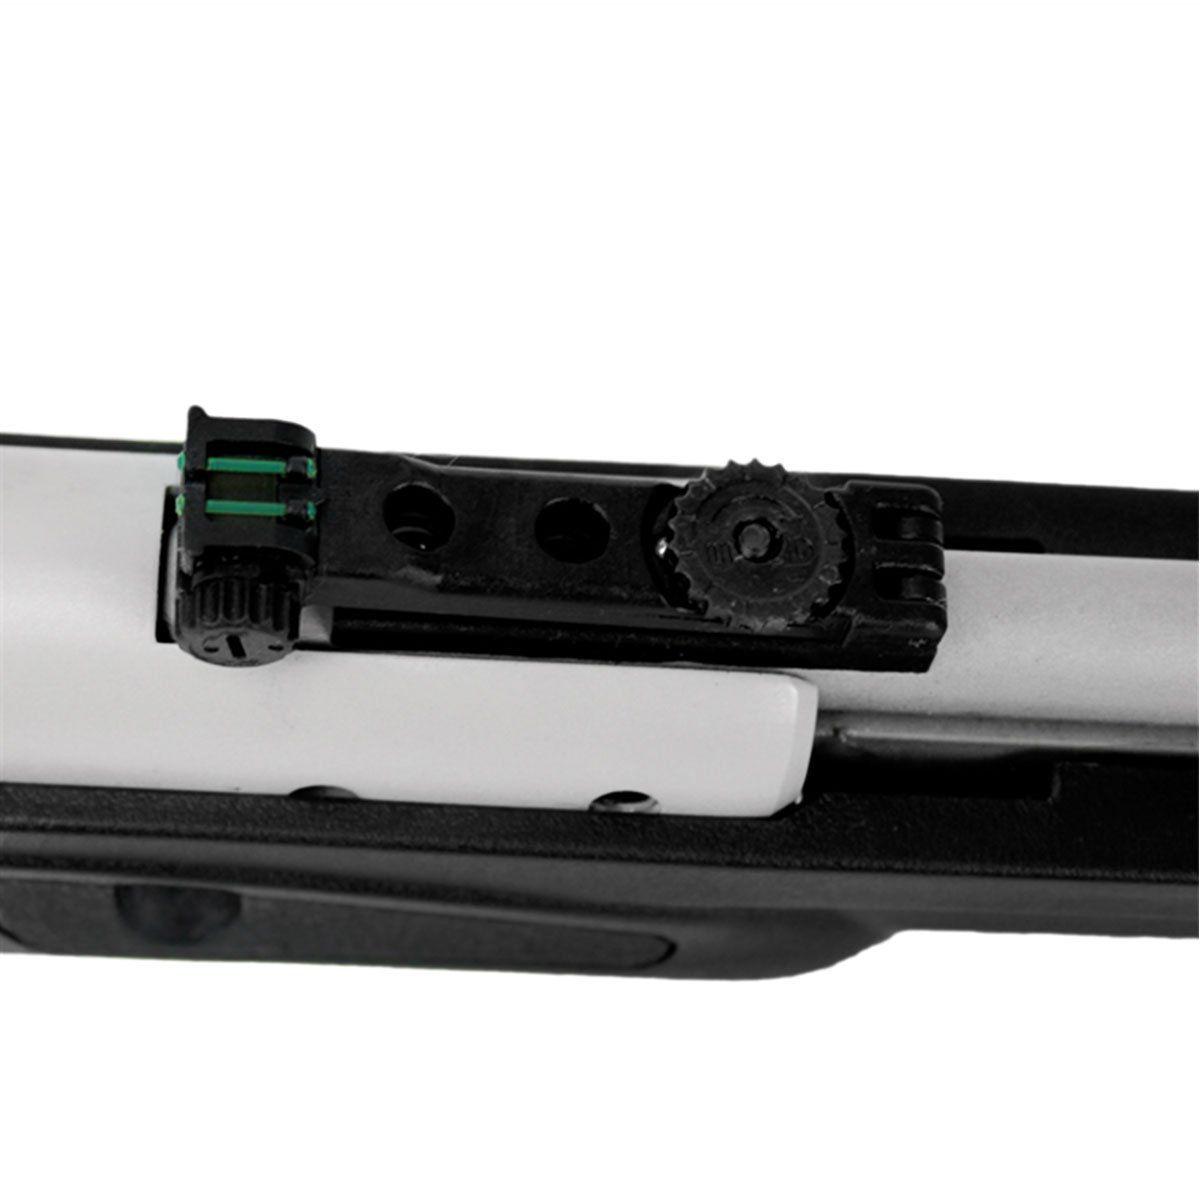 Carabina de Pressão CBC Nitro Six Cromo Gás Ram 6,0mm